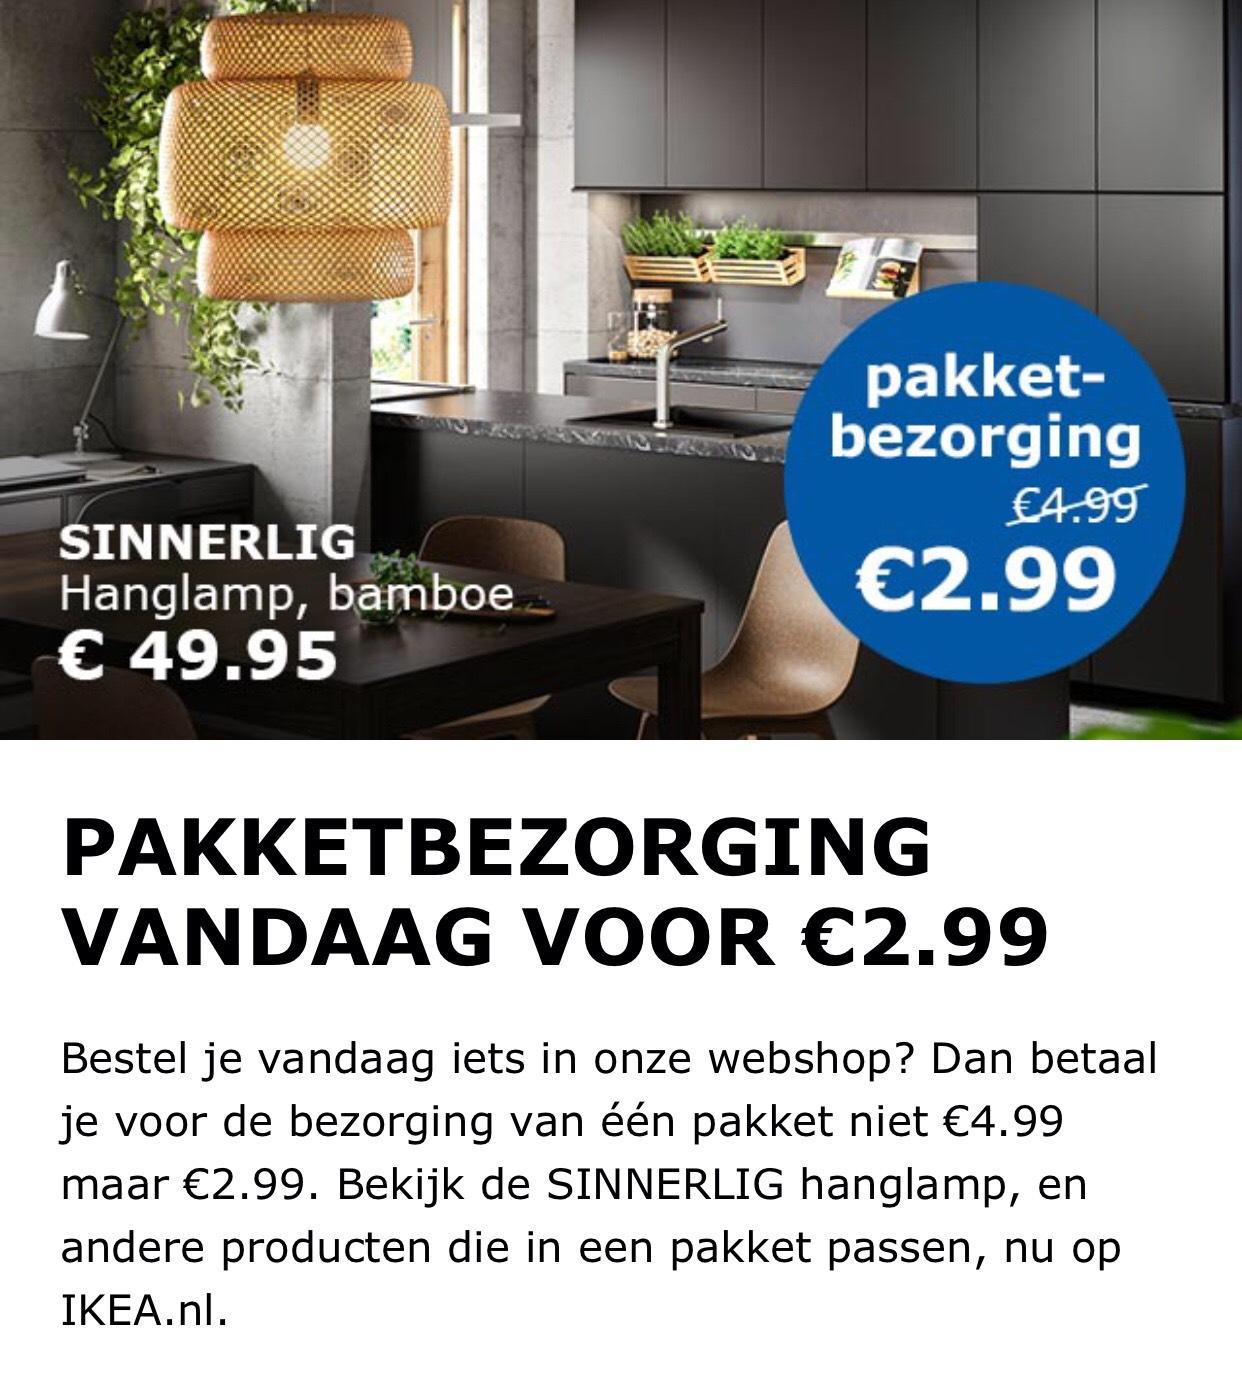 Alleen vandaag 27 mei €2,99 verzendkosten pakketbezorgers Ikea